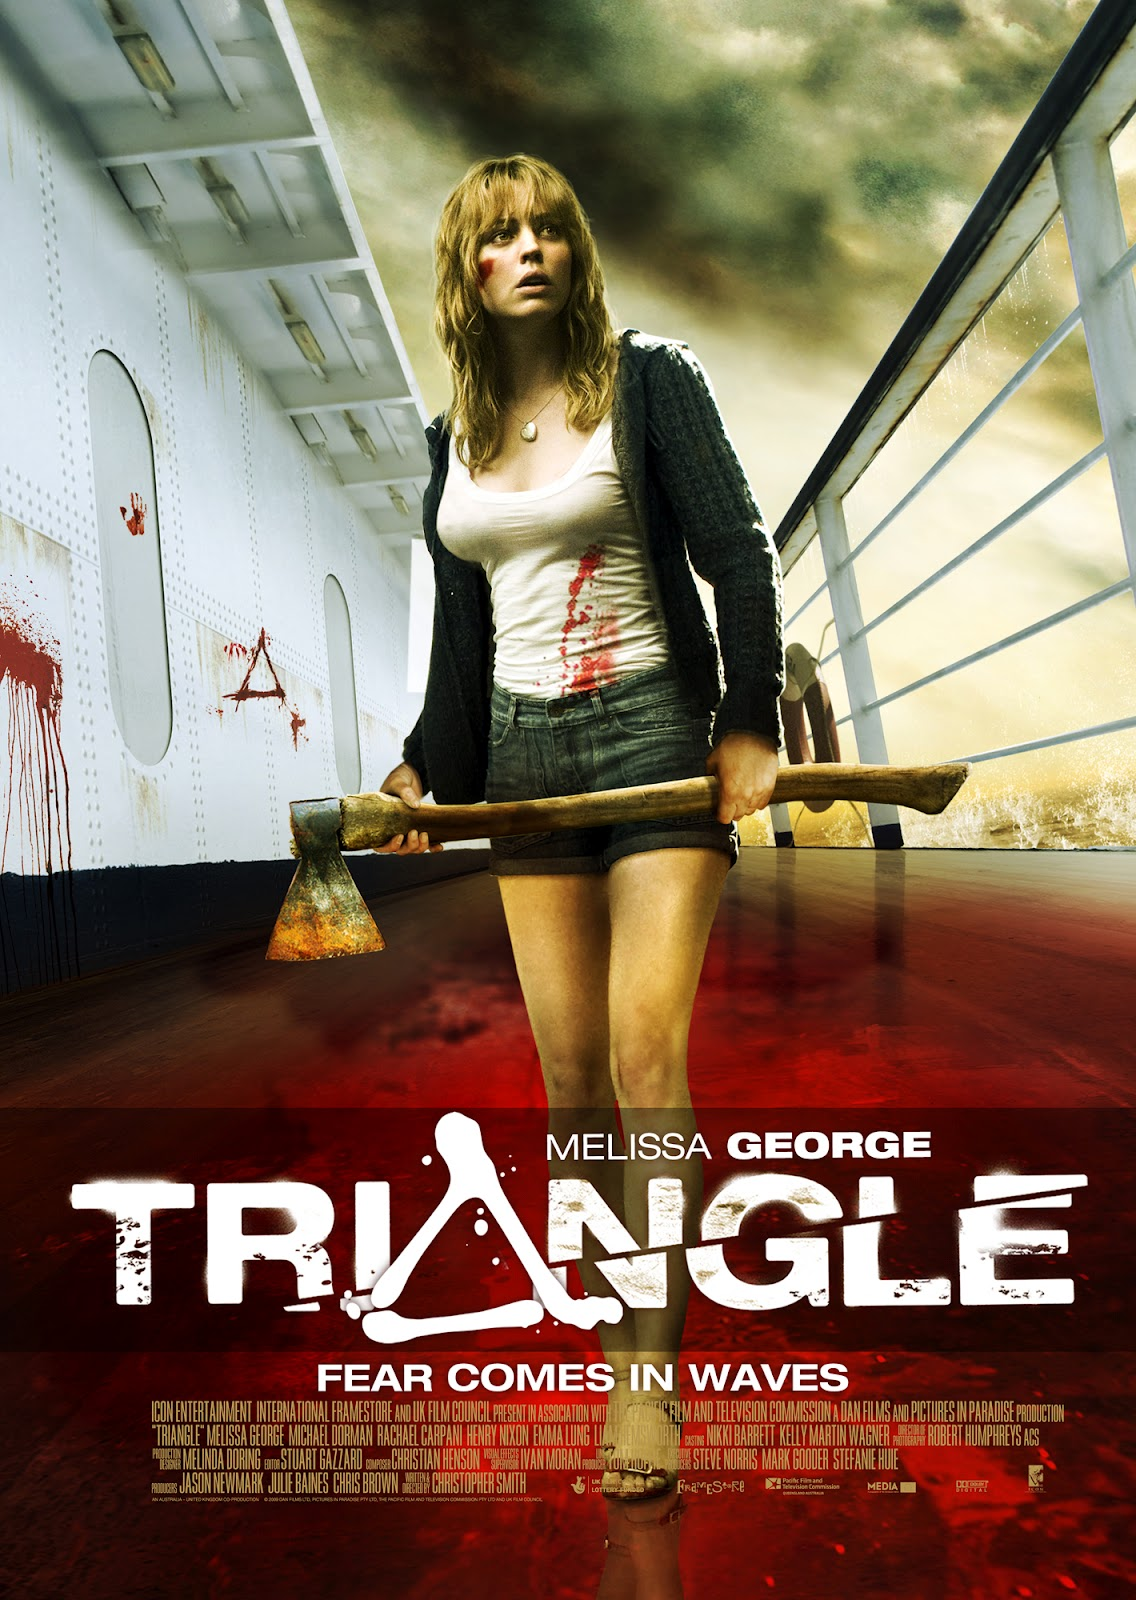 Fshare] [Kinh Dị - Viễn Tưởng] Triangle 2009 Bluray REMUX 1080p AVC